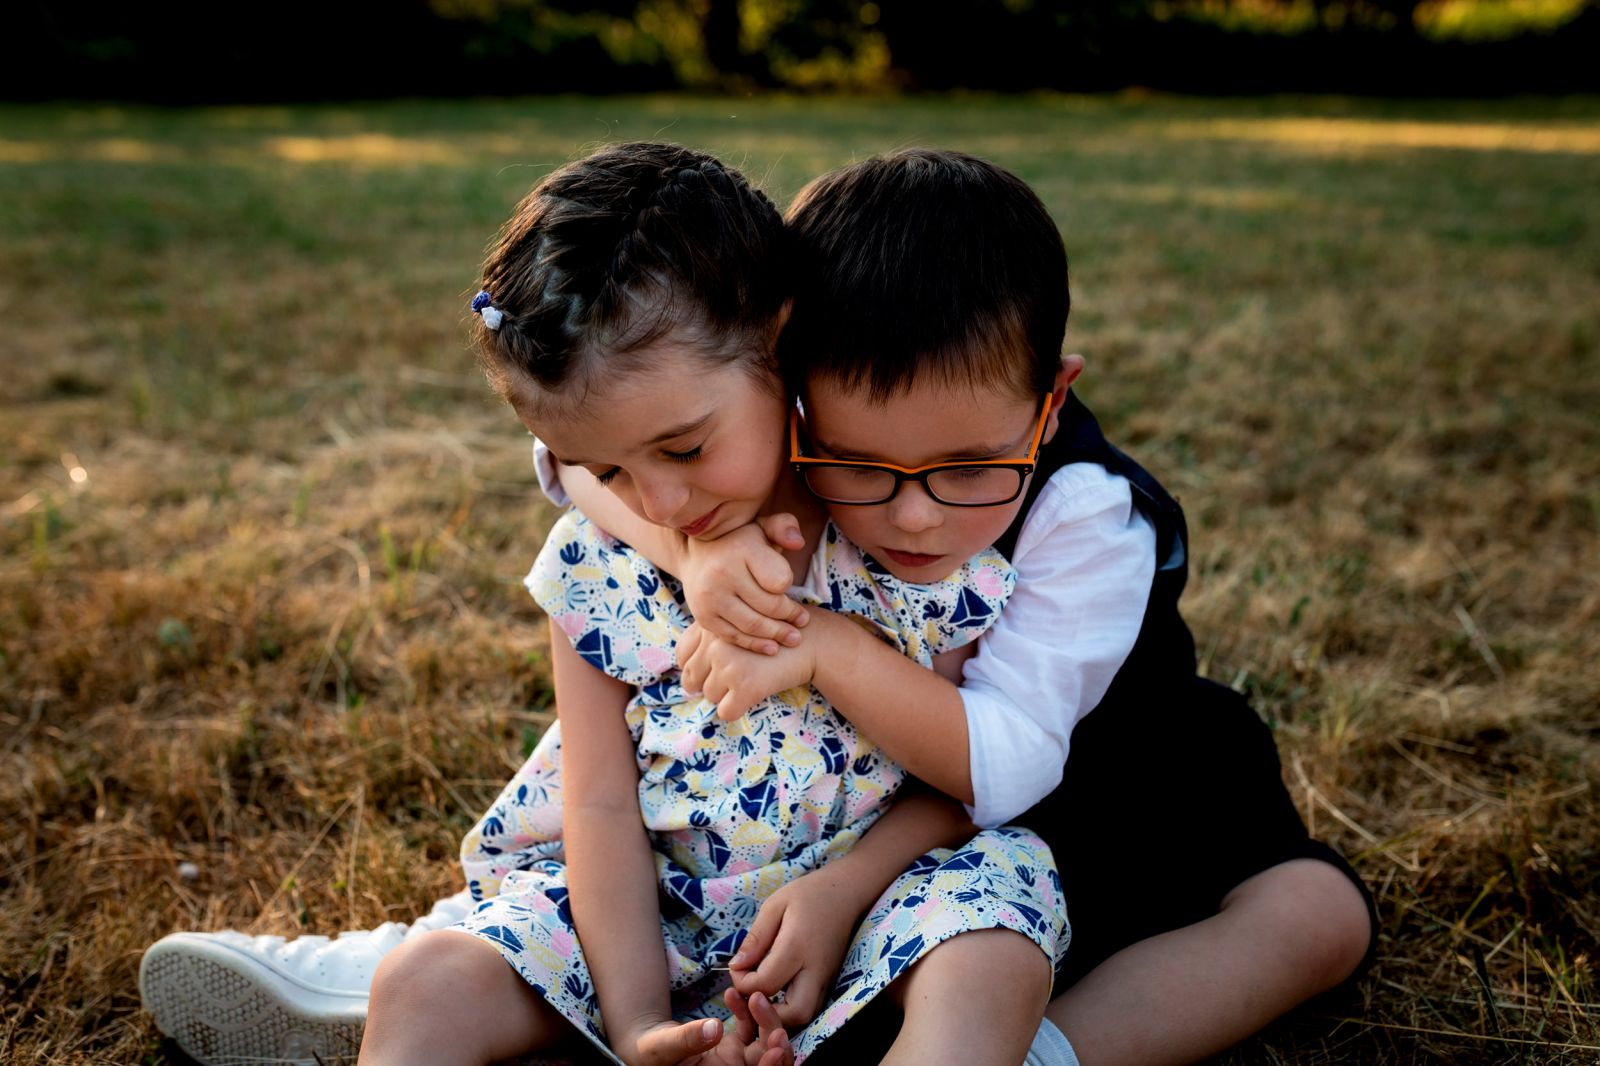 séance photos en famille enfant campagne strasbourg